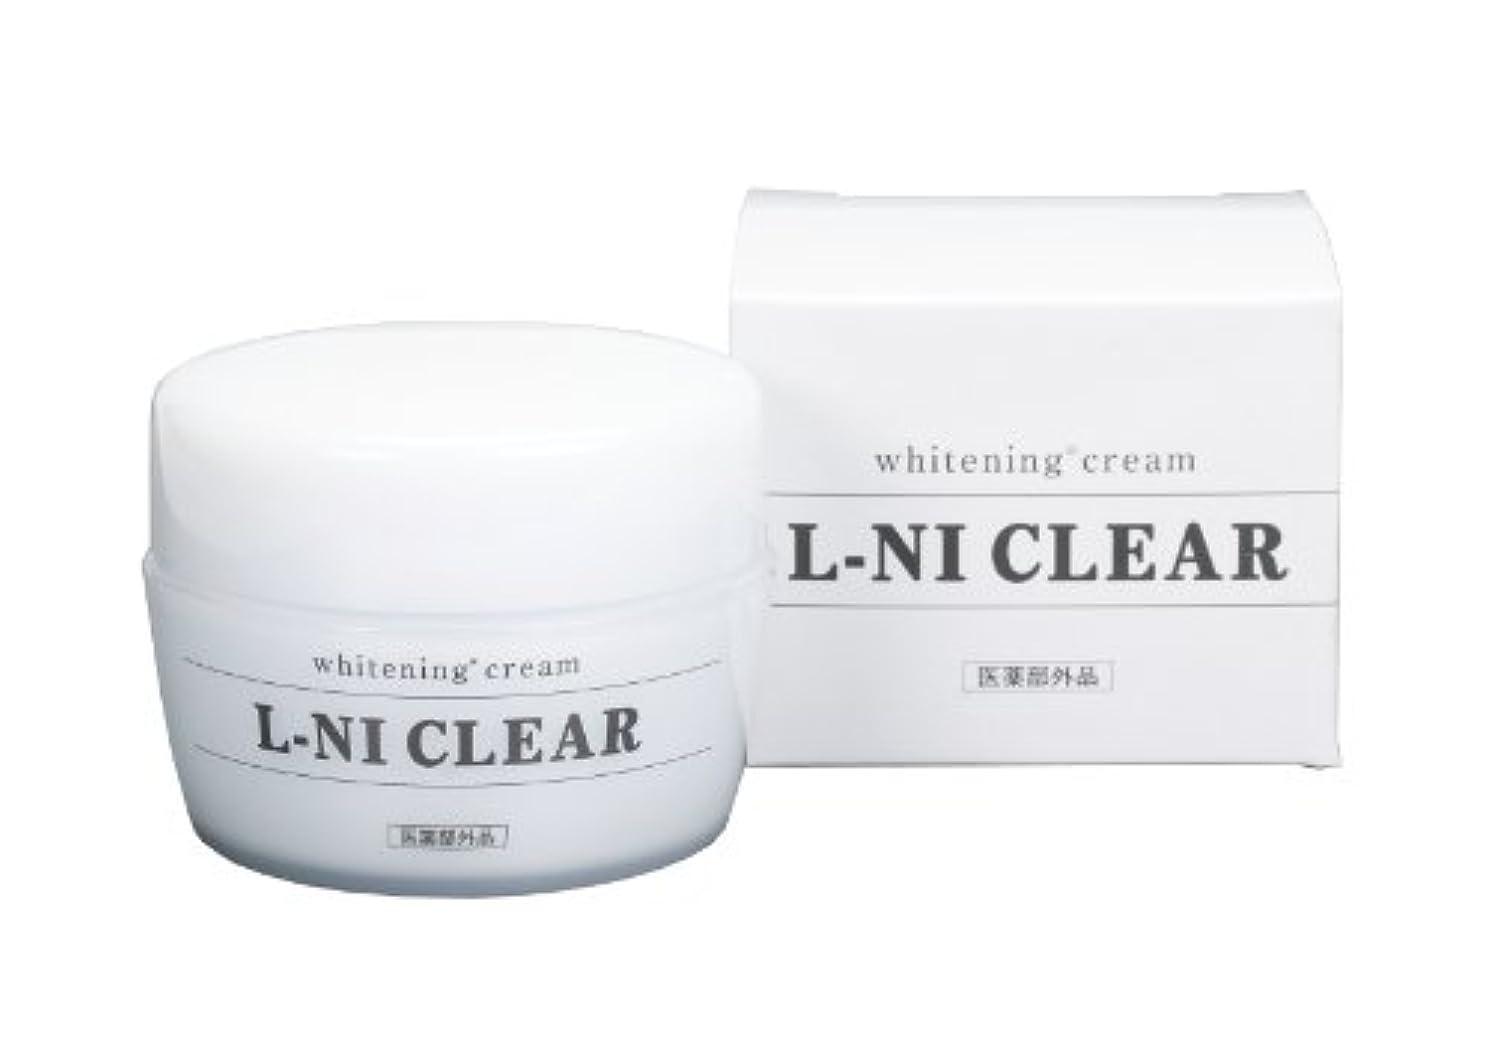 少ない倍増トラブル薬用 L-NI CLEAR